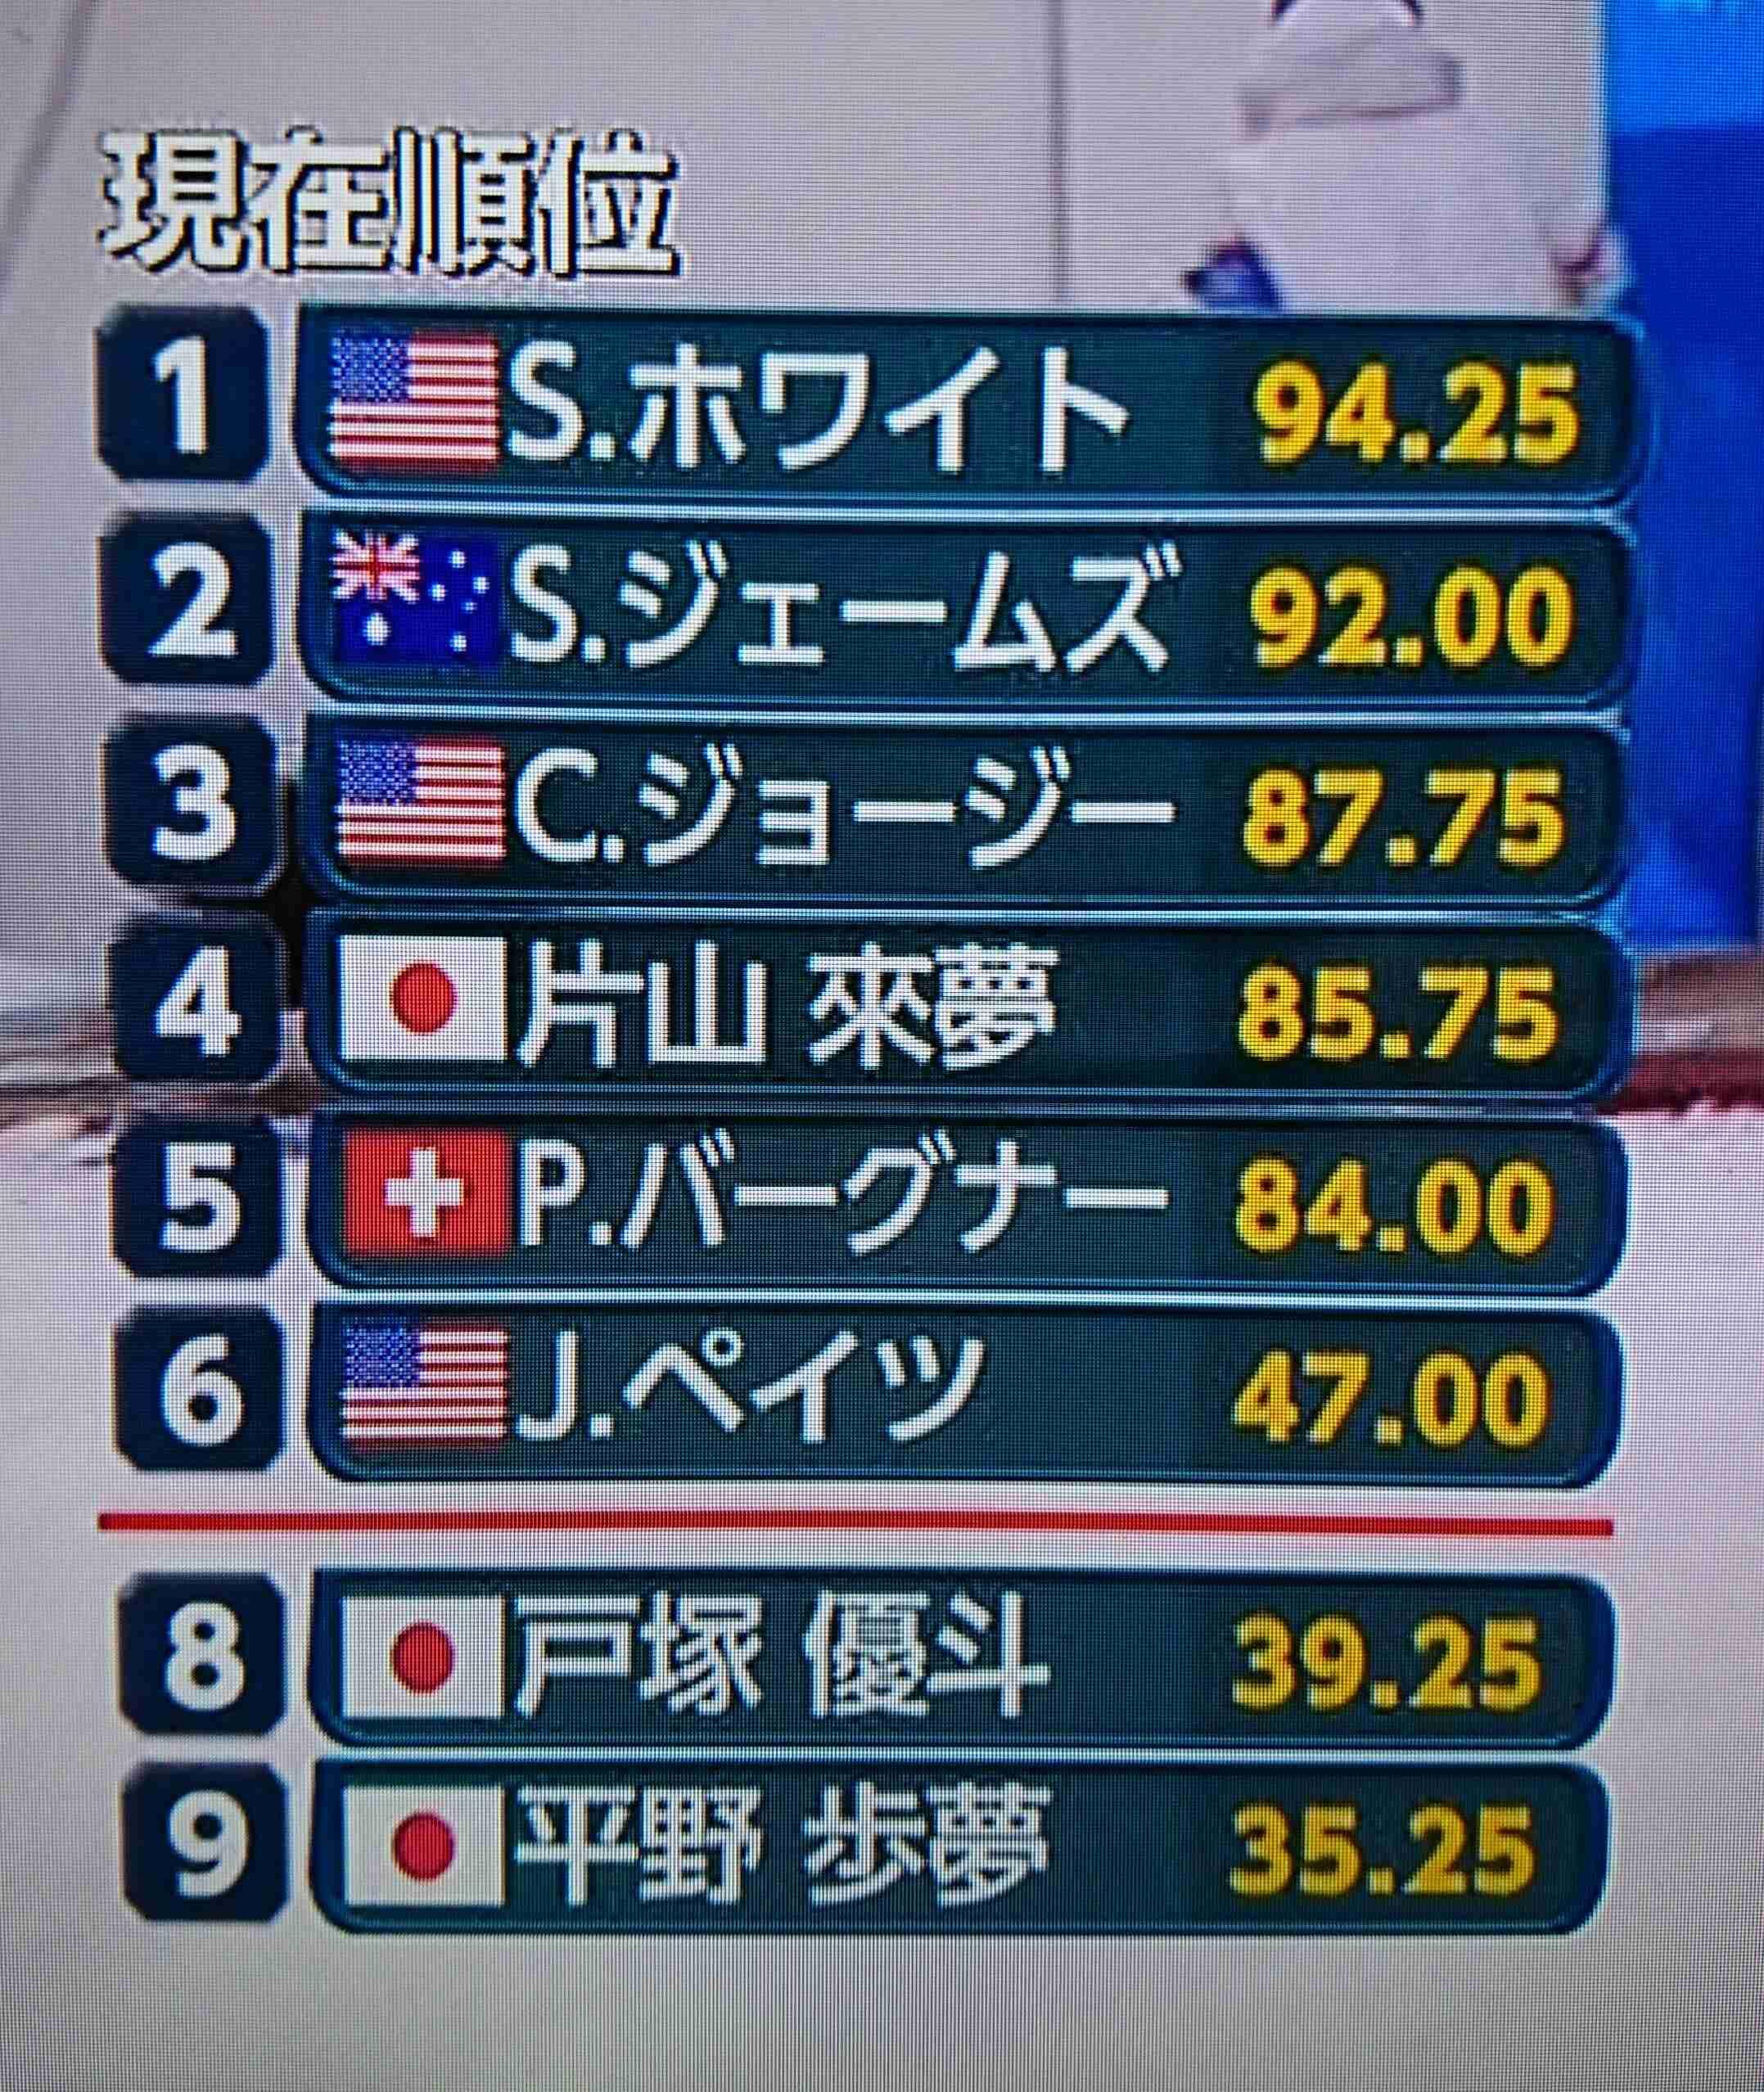 【実況・感想】平昌オリンピック2018 総合トピ【大会6日目】